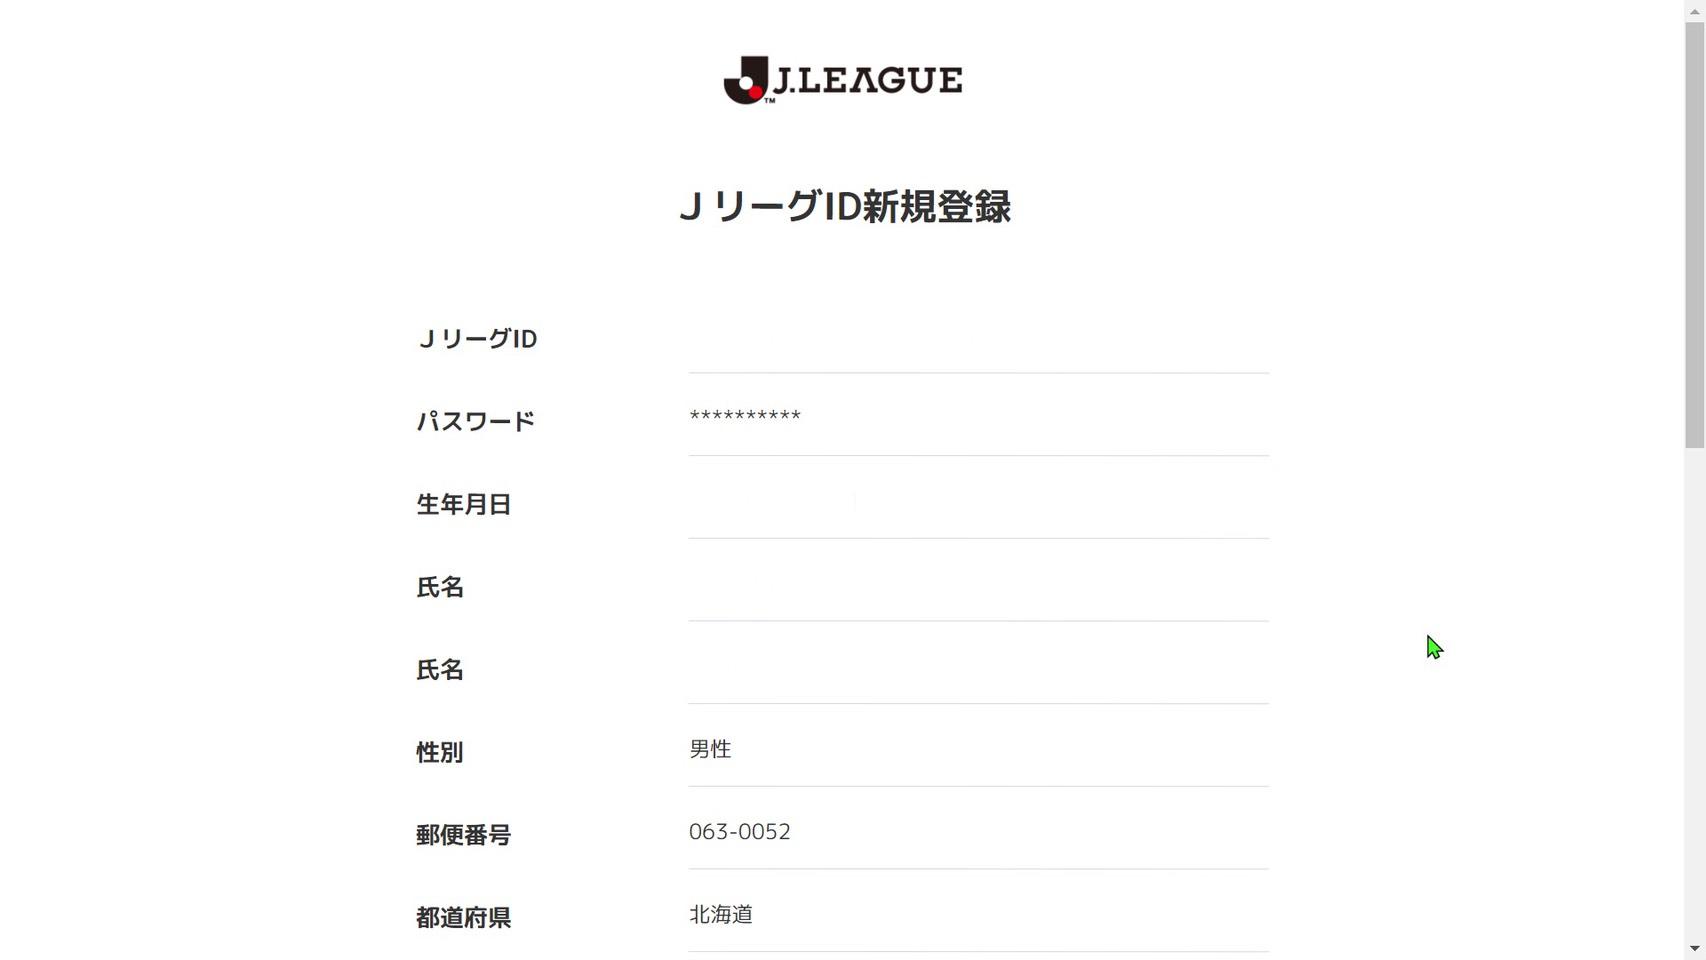 リーグ 登録 新規 j id